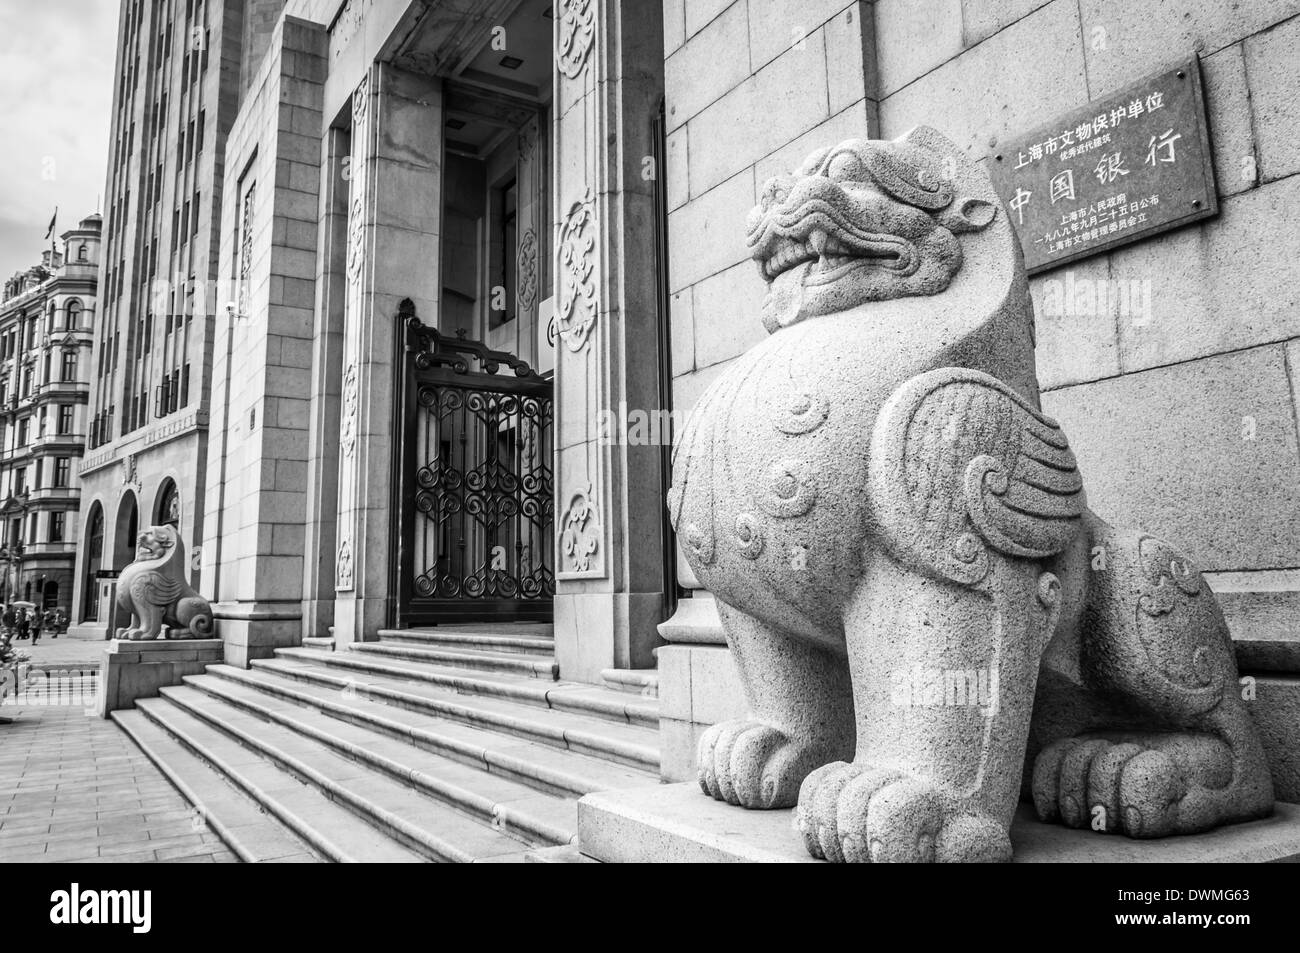 L'architecture coloniale le long du Bund à Shanghai, Chine. Photo Stock